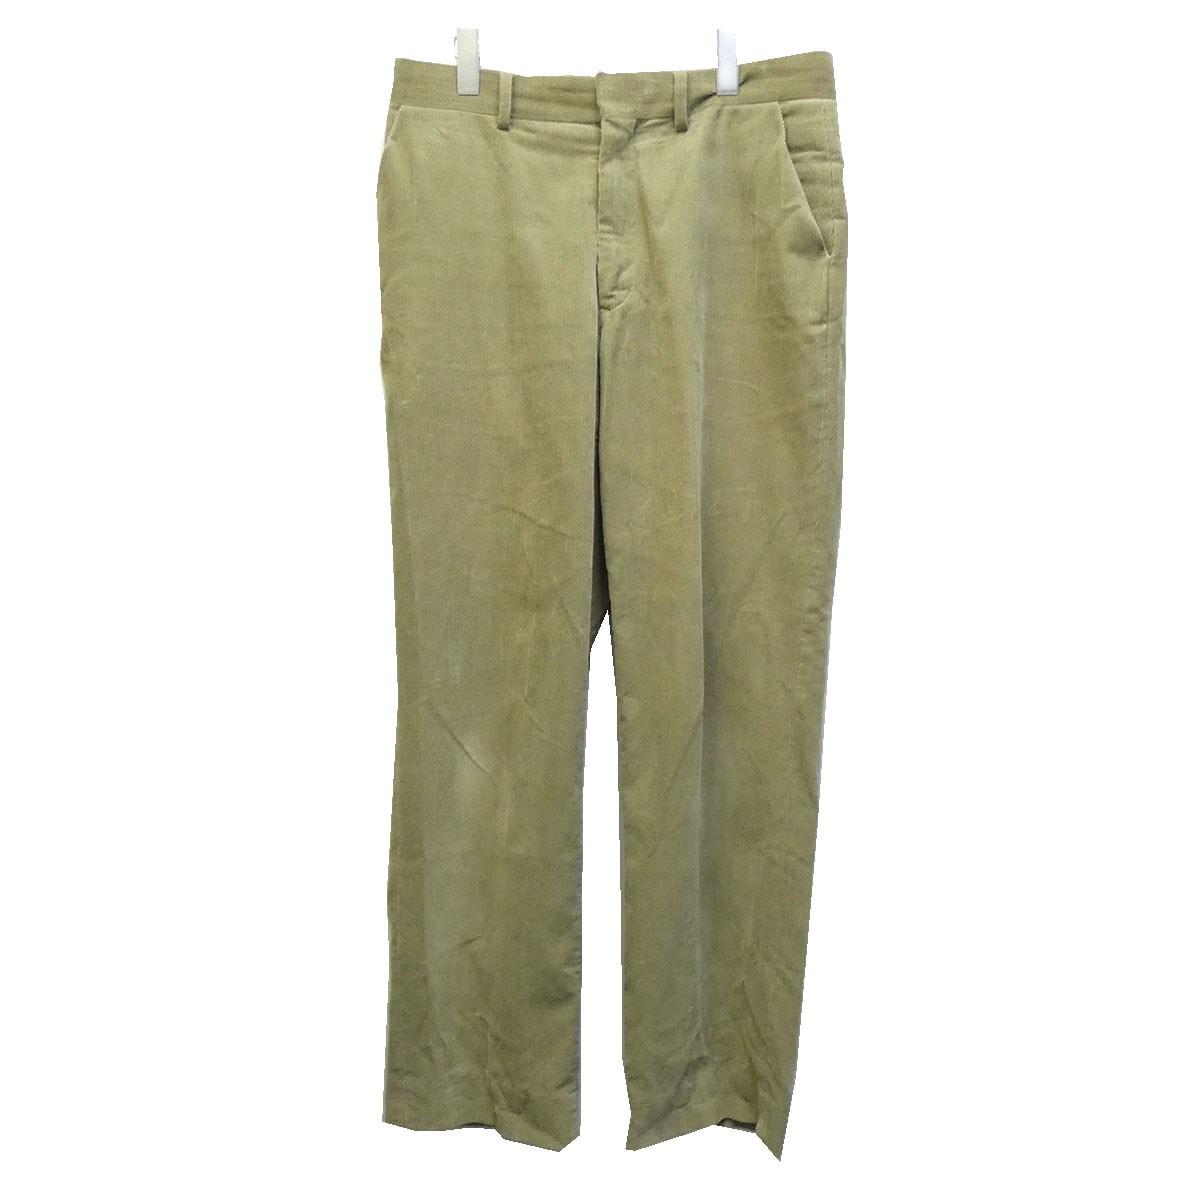 【中古】AURALEE 18SS「WASHED CORDUROY SLACKS」ウォッシュコーデュロイパンツ グリーン サイズ:4 【070720】(オーラリー)